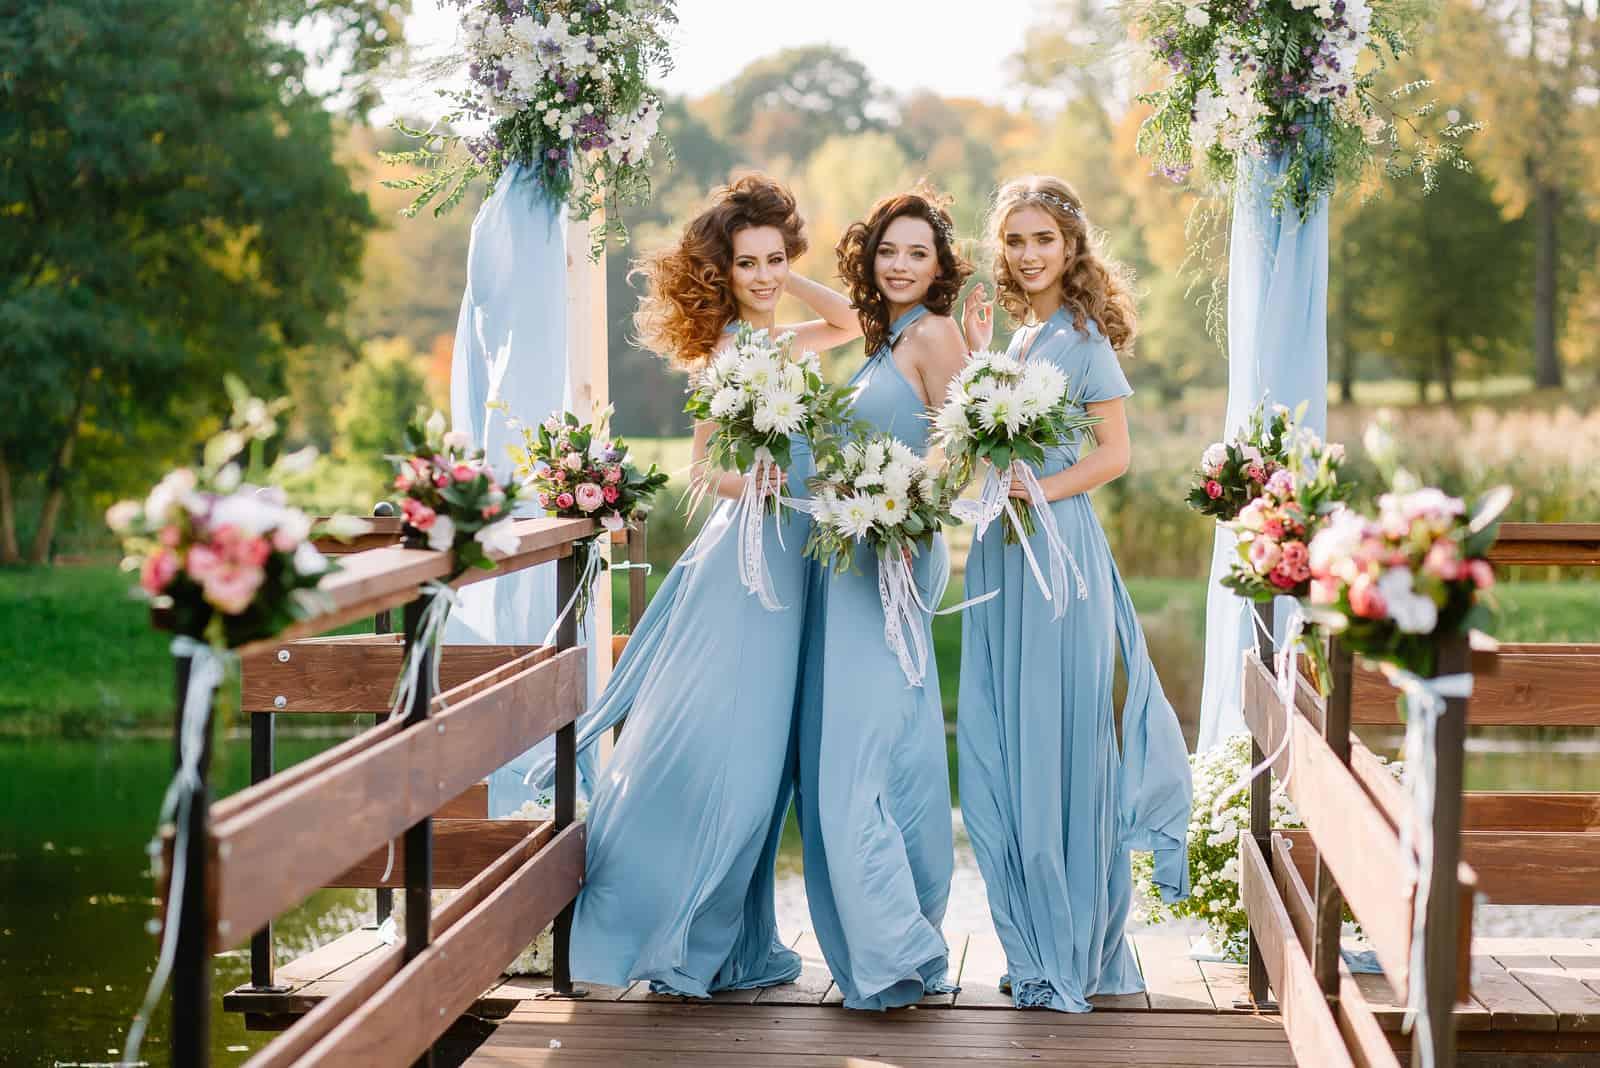 Hochzeit drei Brautjungfern posiert am Altar